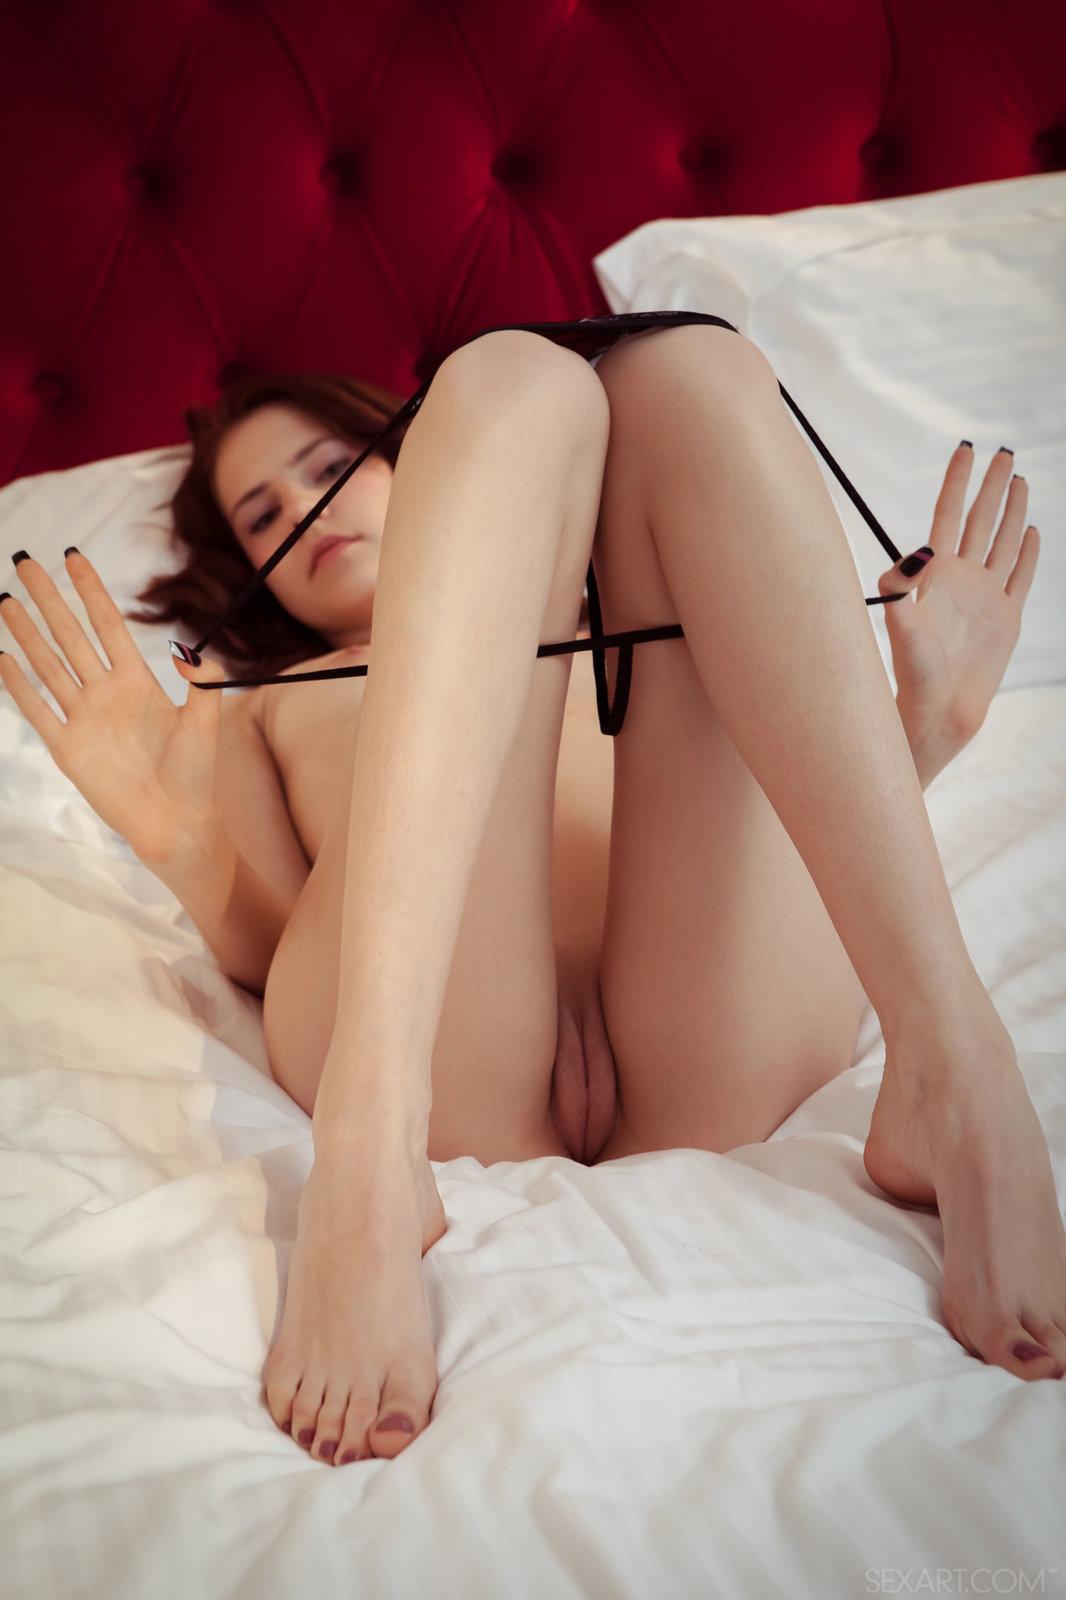 Zdjęcie porno - 125 - Ruda w czarnej bieliźnie